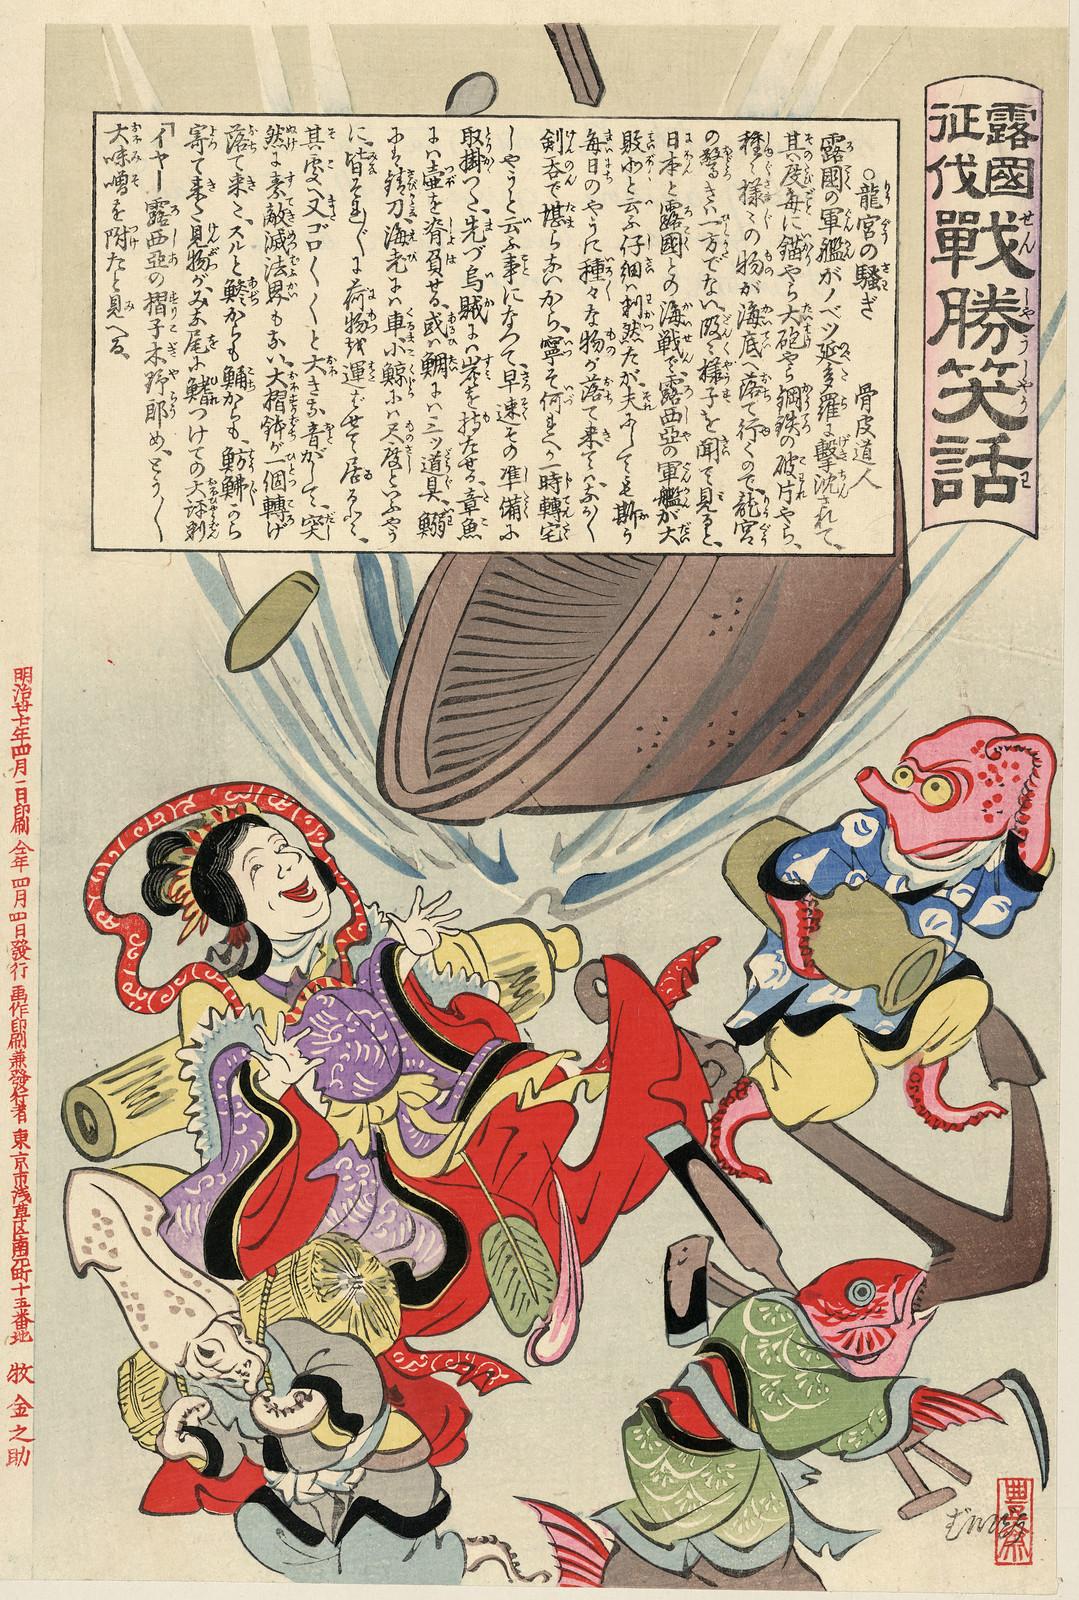 1904. Обломок российского линейного корабля опускается на дно моря, где его уже ждет рыба, одетая в кимоно